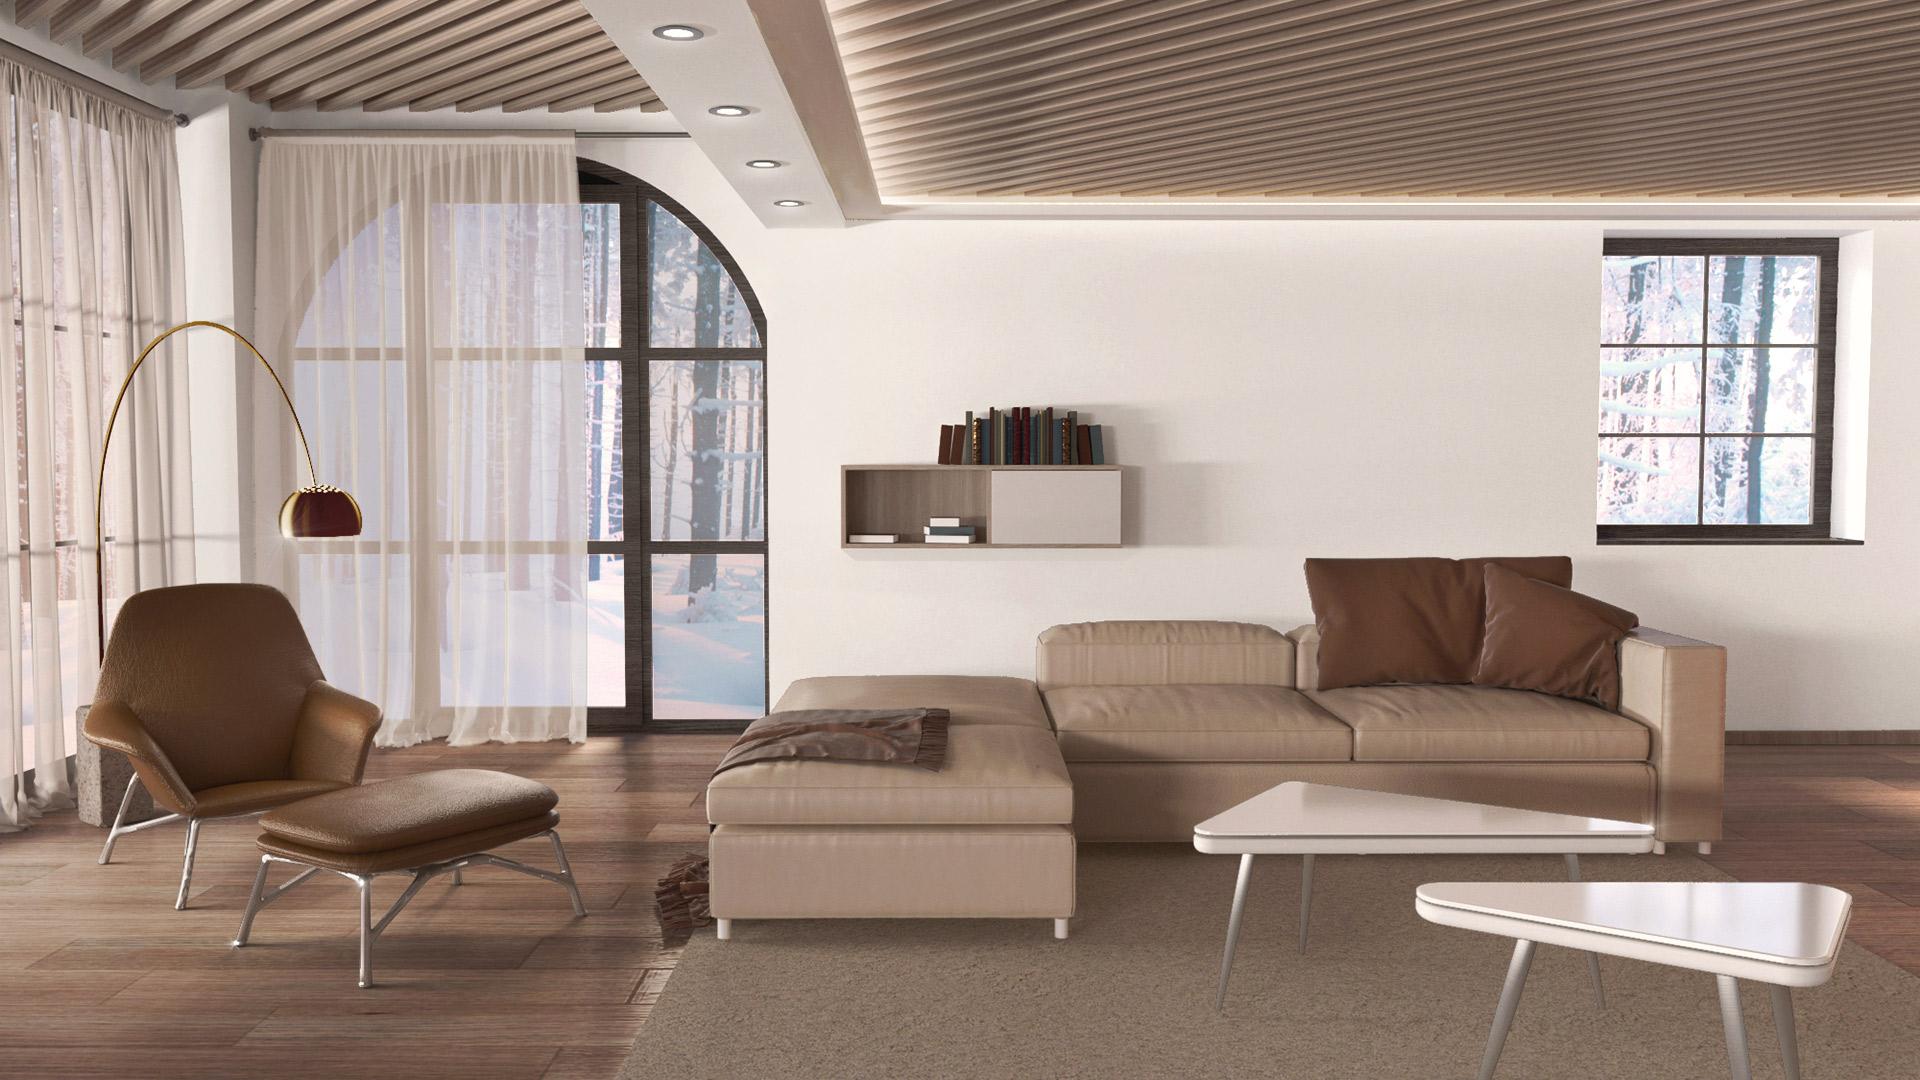 Vizualizacija: notranje oblikovanje dnevne sobe